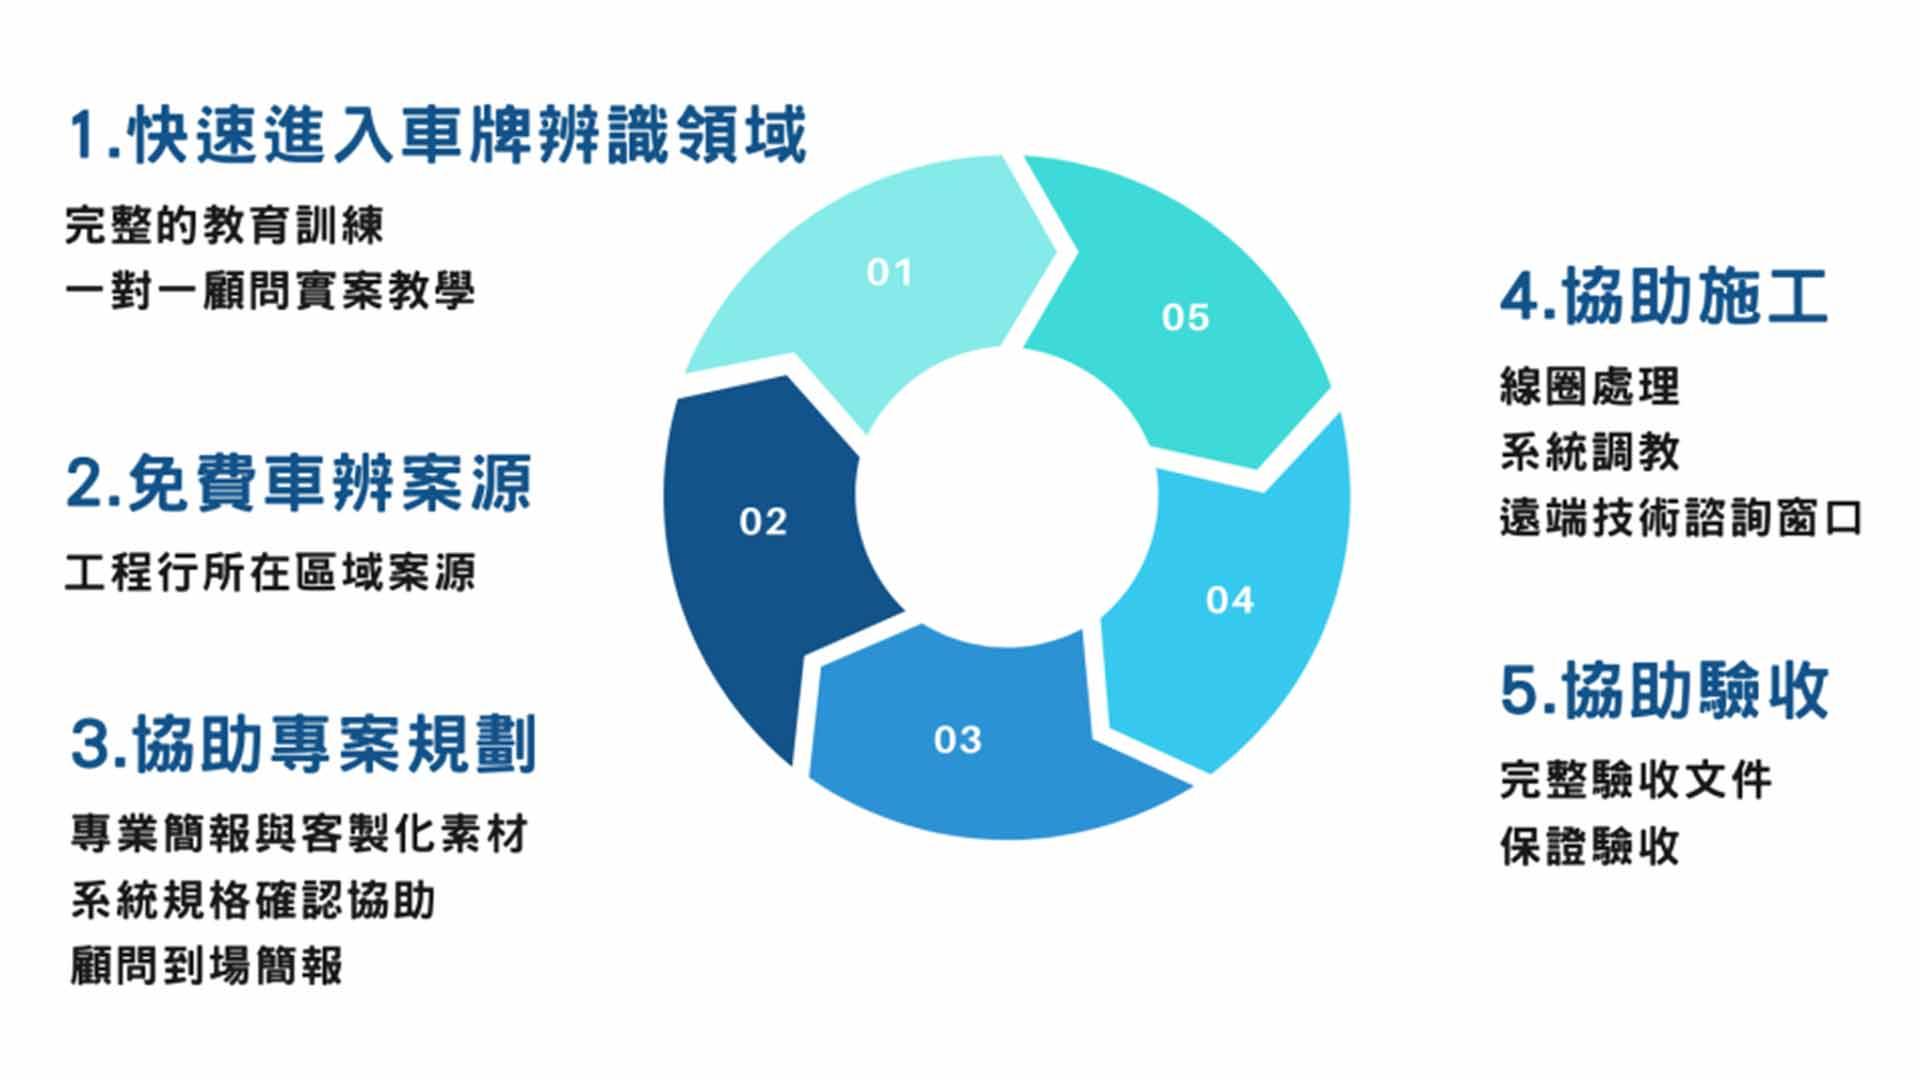 合作LPR專案流程圖